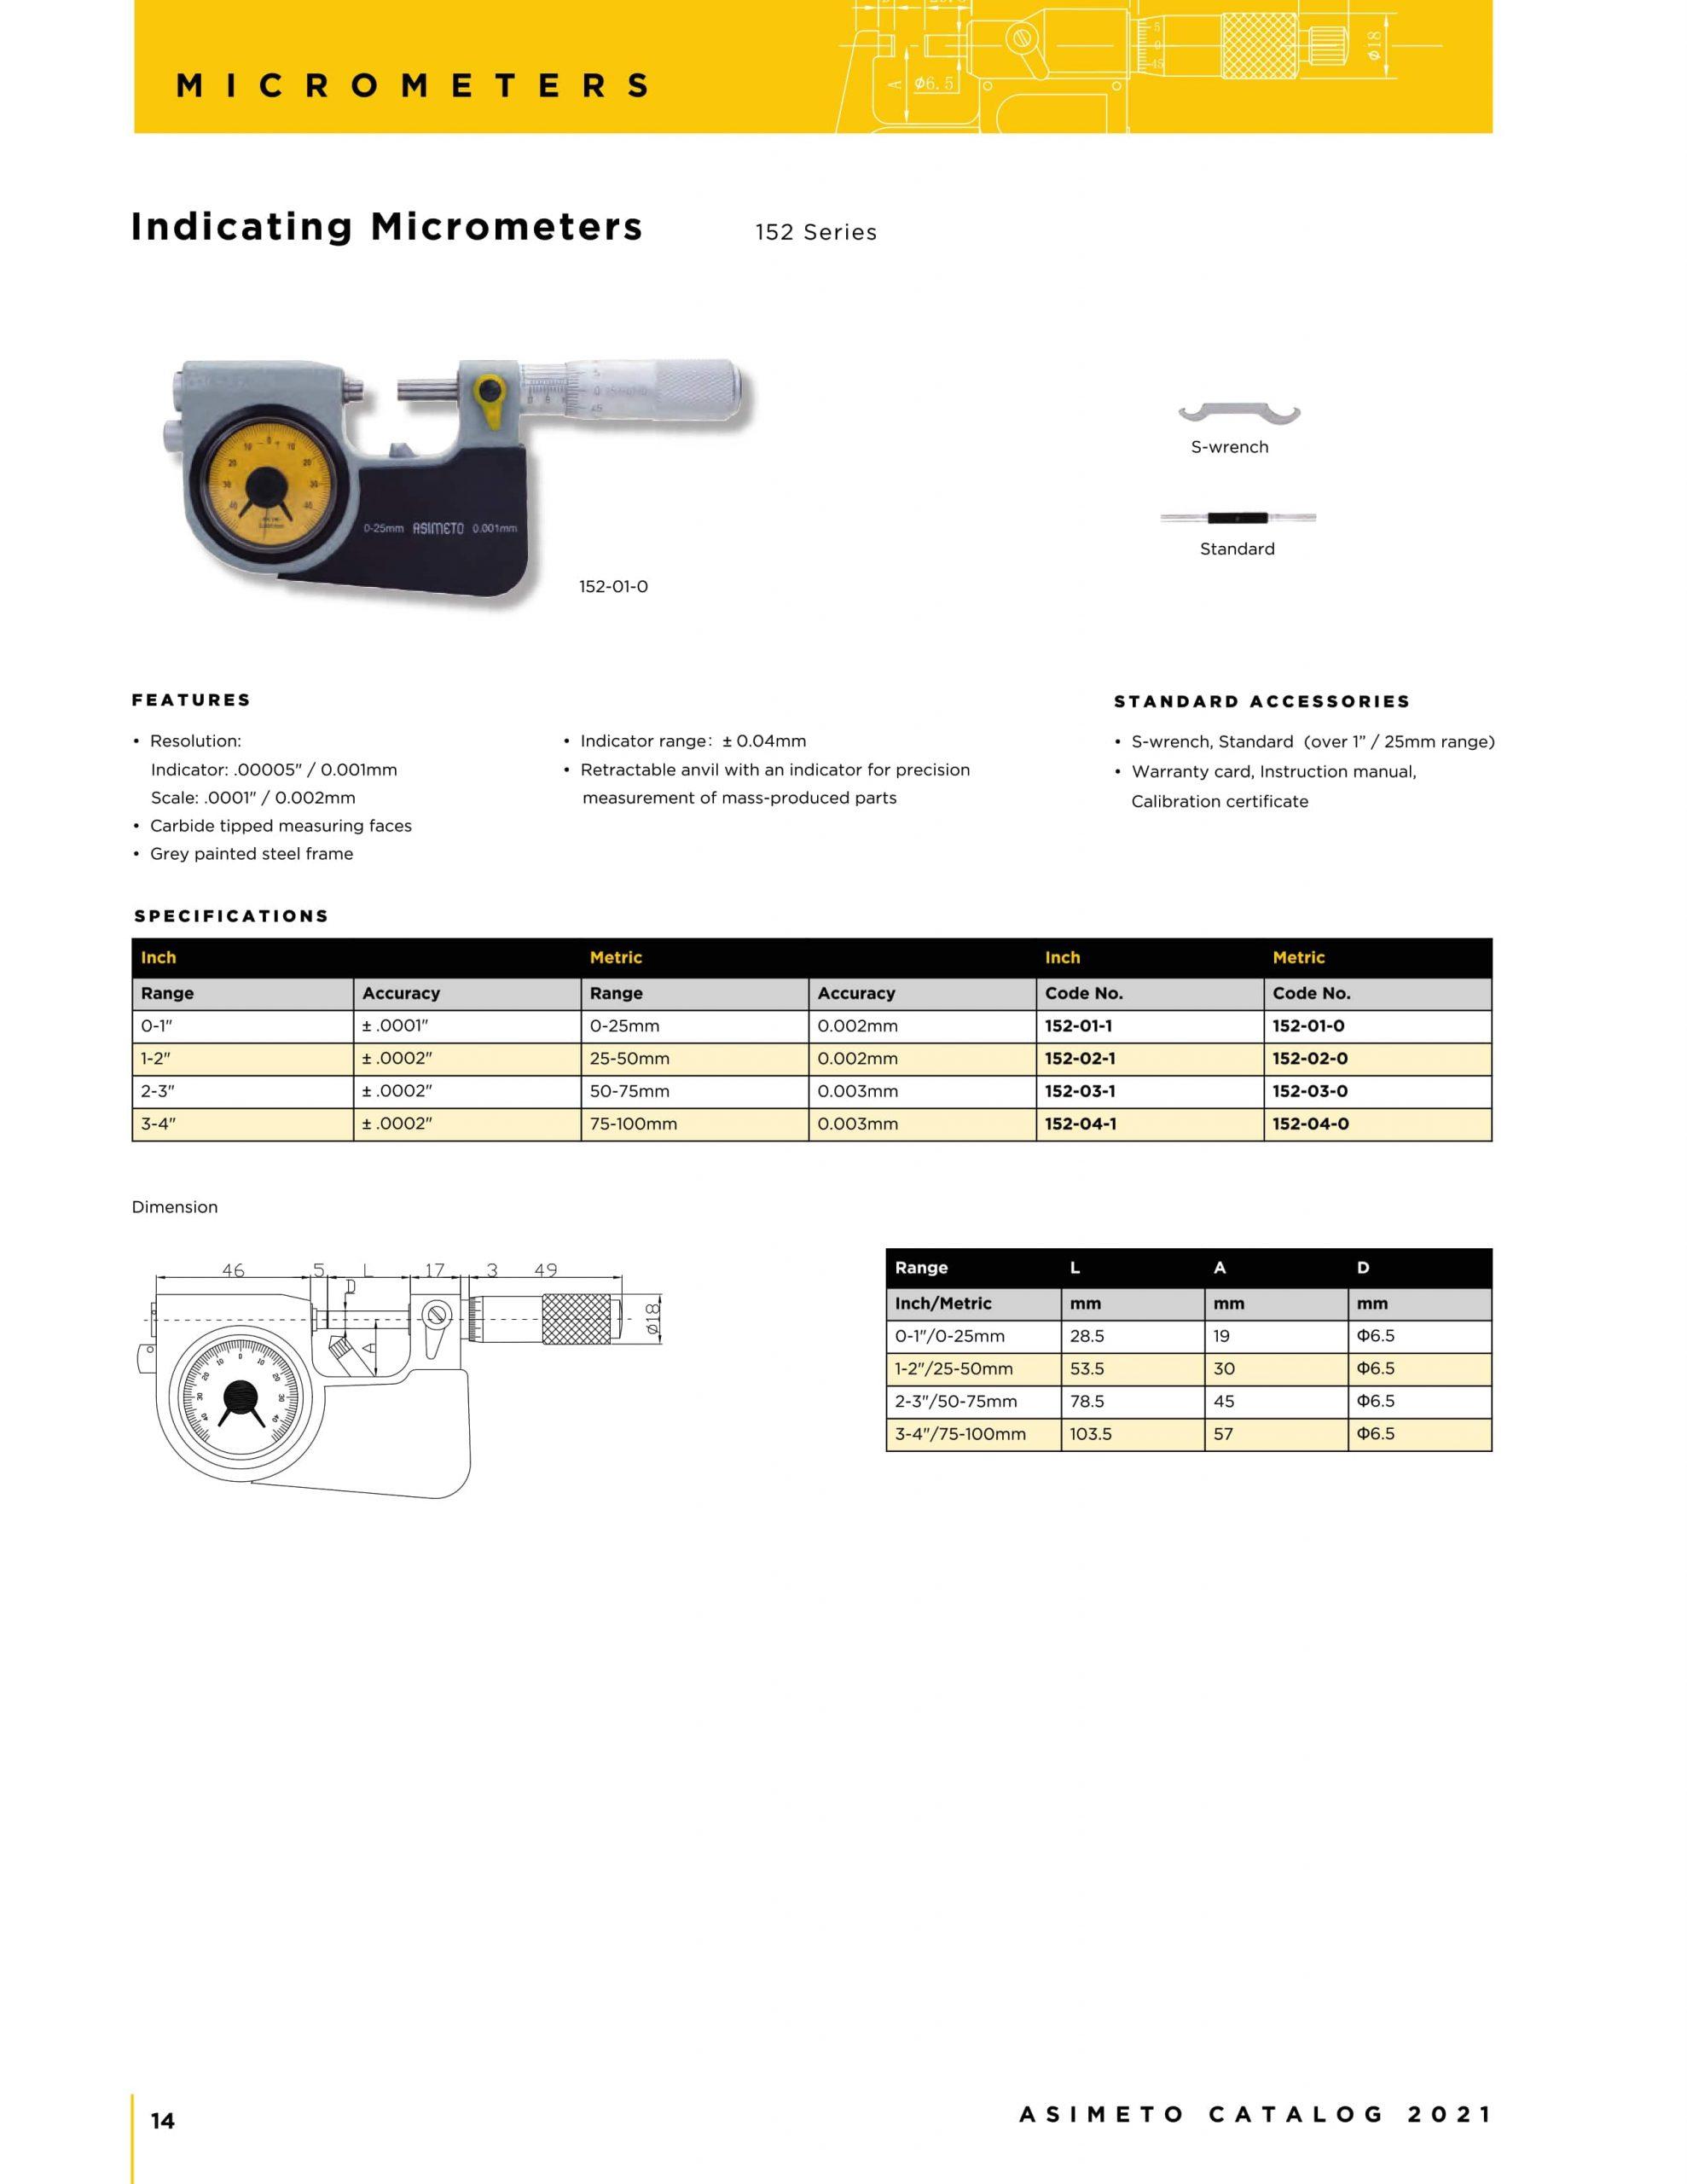 کاتالوگ میکرومتر ساعتی آسیمتو asimeto ( پاسومتر )